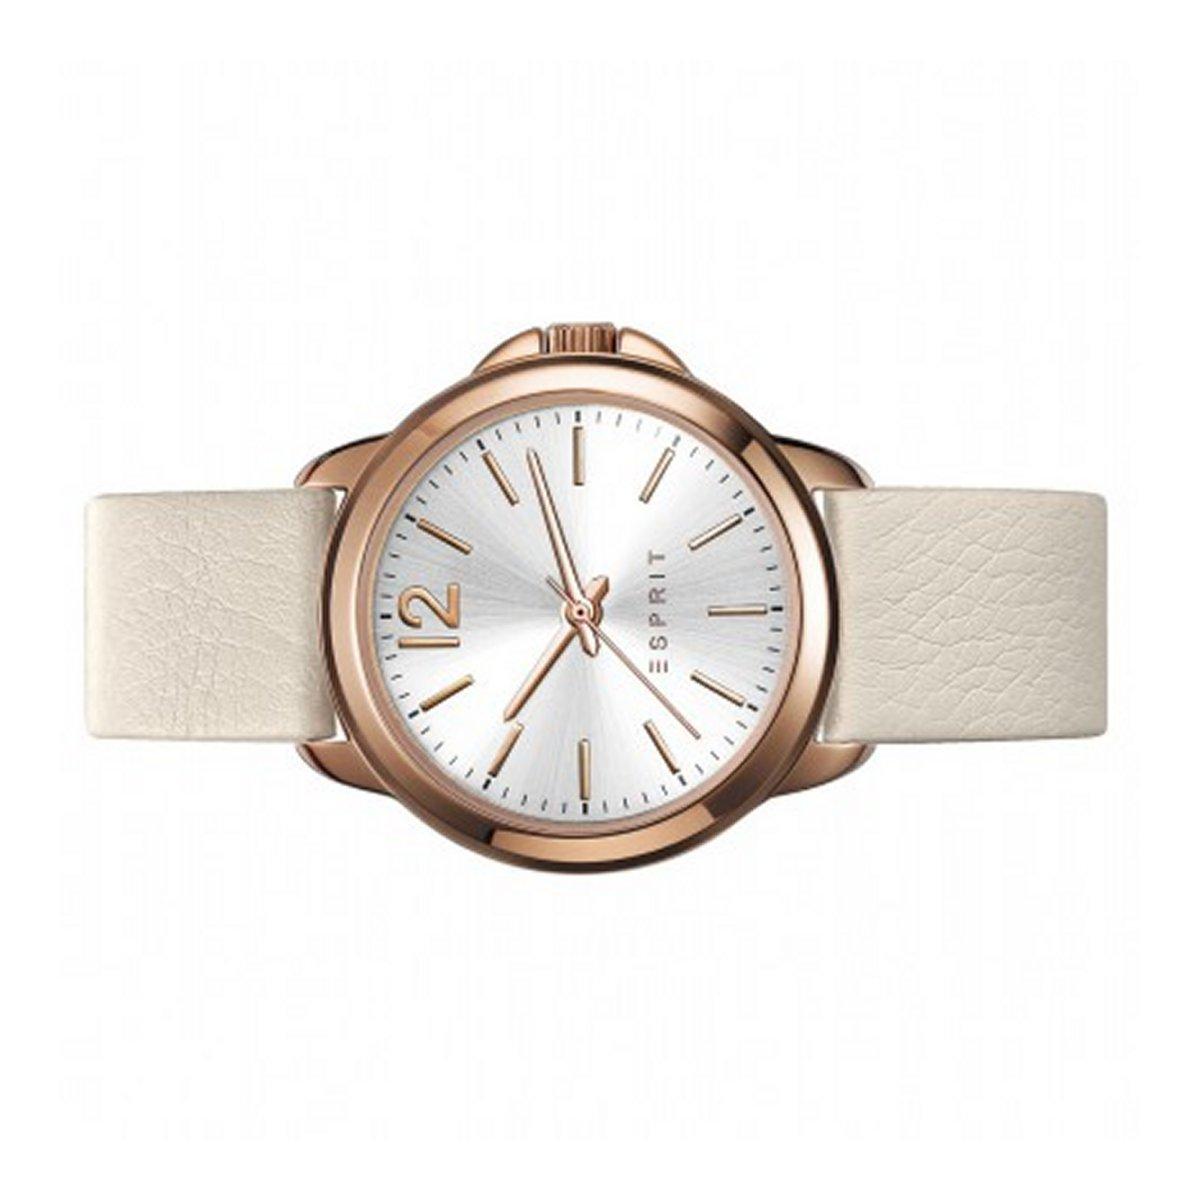 esprit damen uhr armbanduhr leder cream ros es109012005. Black Bedroom Furniture Sets. Home Design Ideas